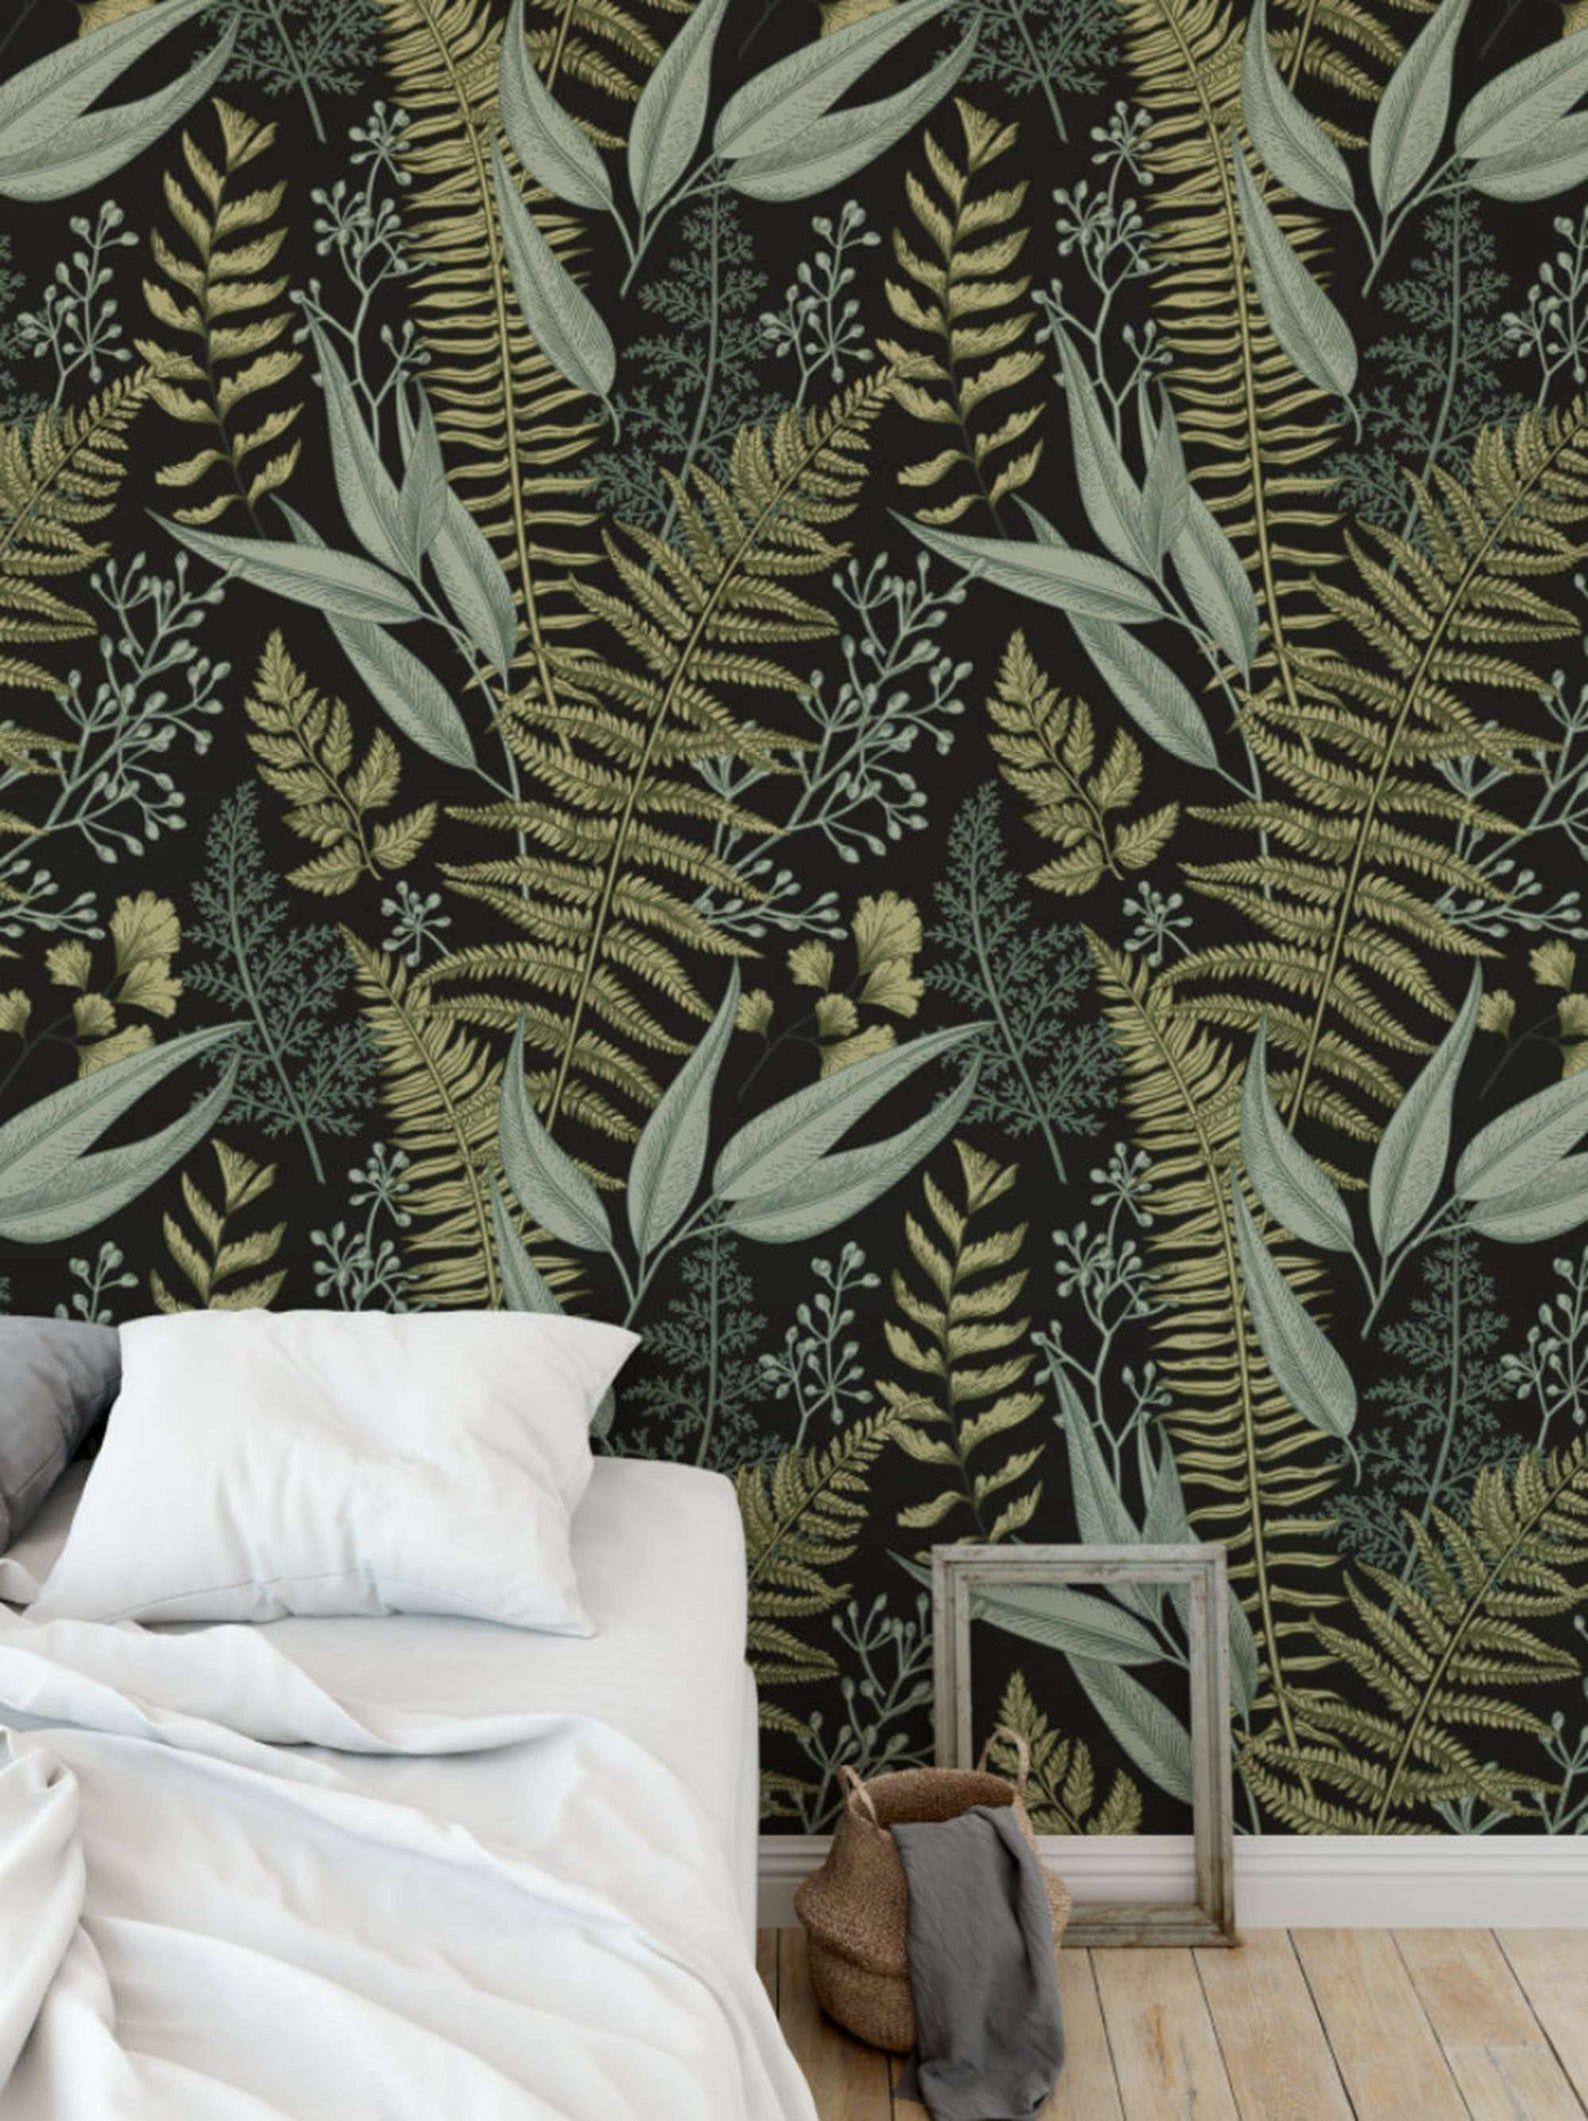 Botanical Greenery Peel And Stick Wallpaper Fern Wallpaper Mural Self Adhesive Wallpaper Removable Wallpaper Easy Diy Wallpaper Fern Wallpaper Removable Wallpaper Green Decor